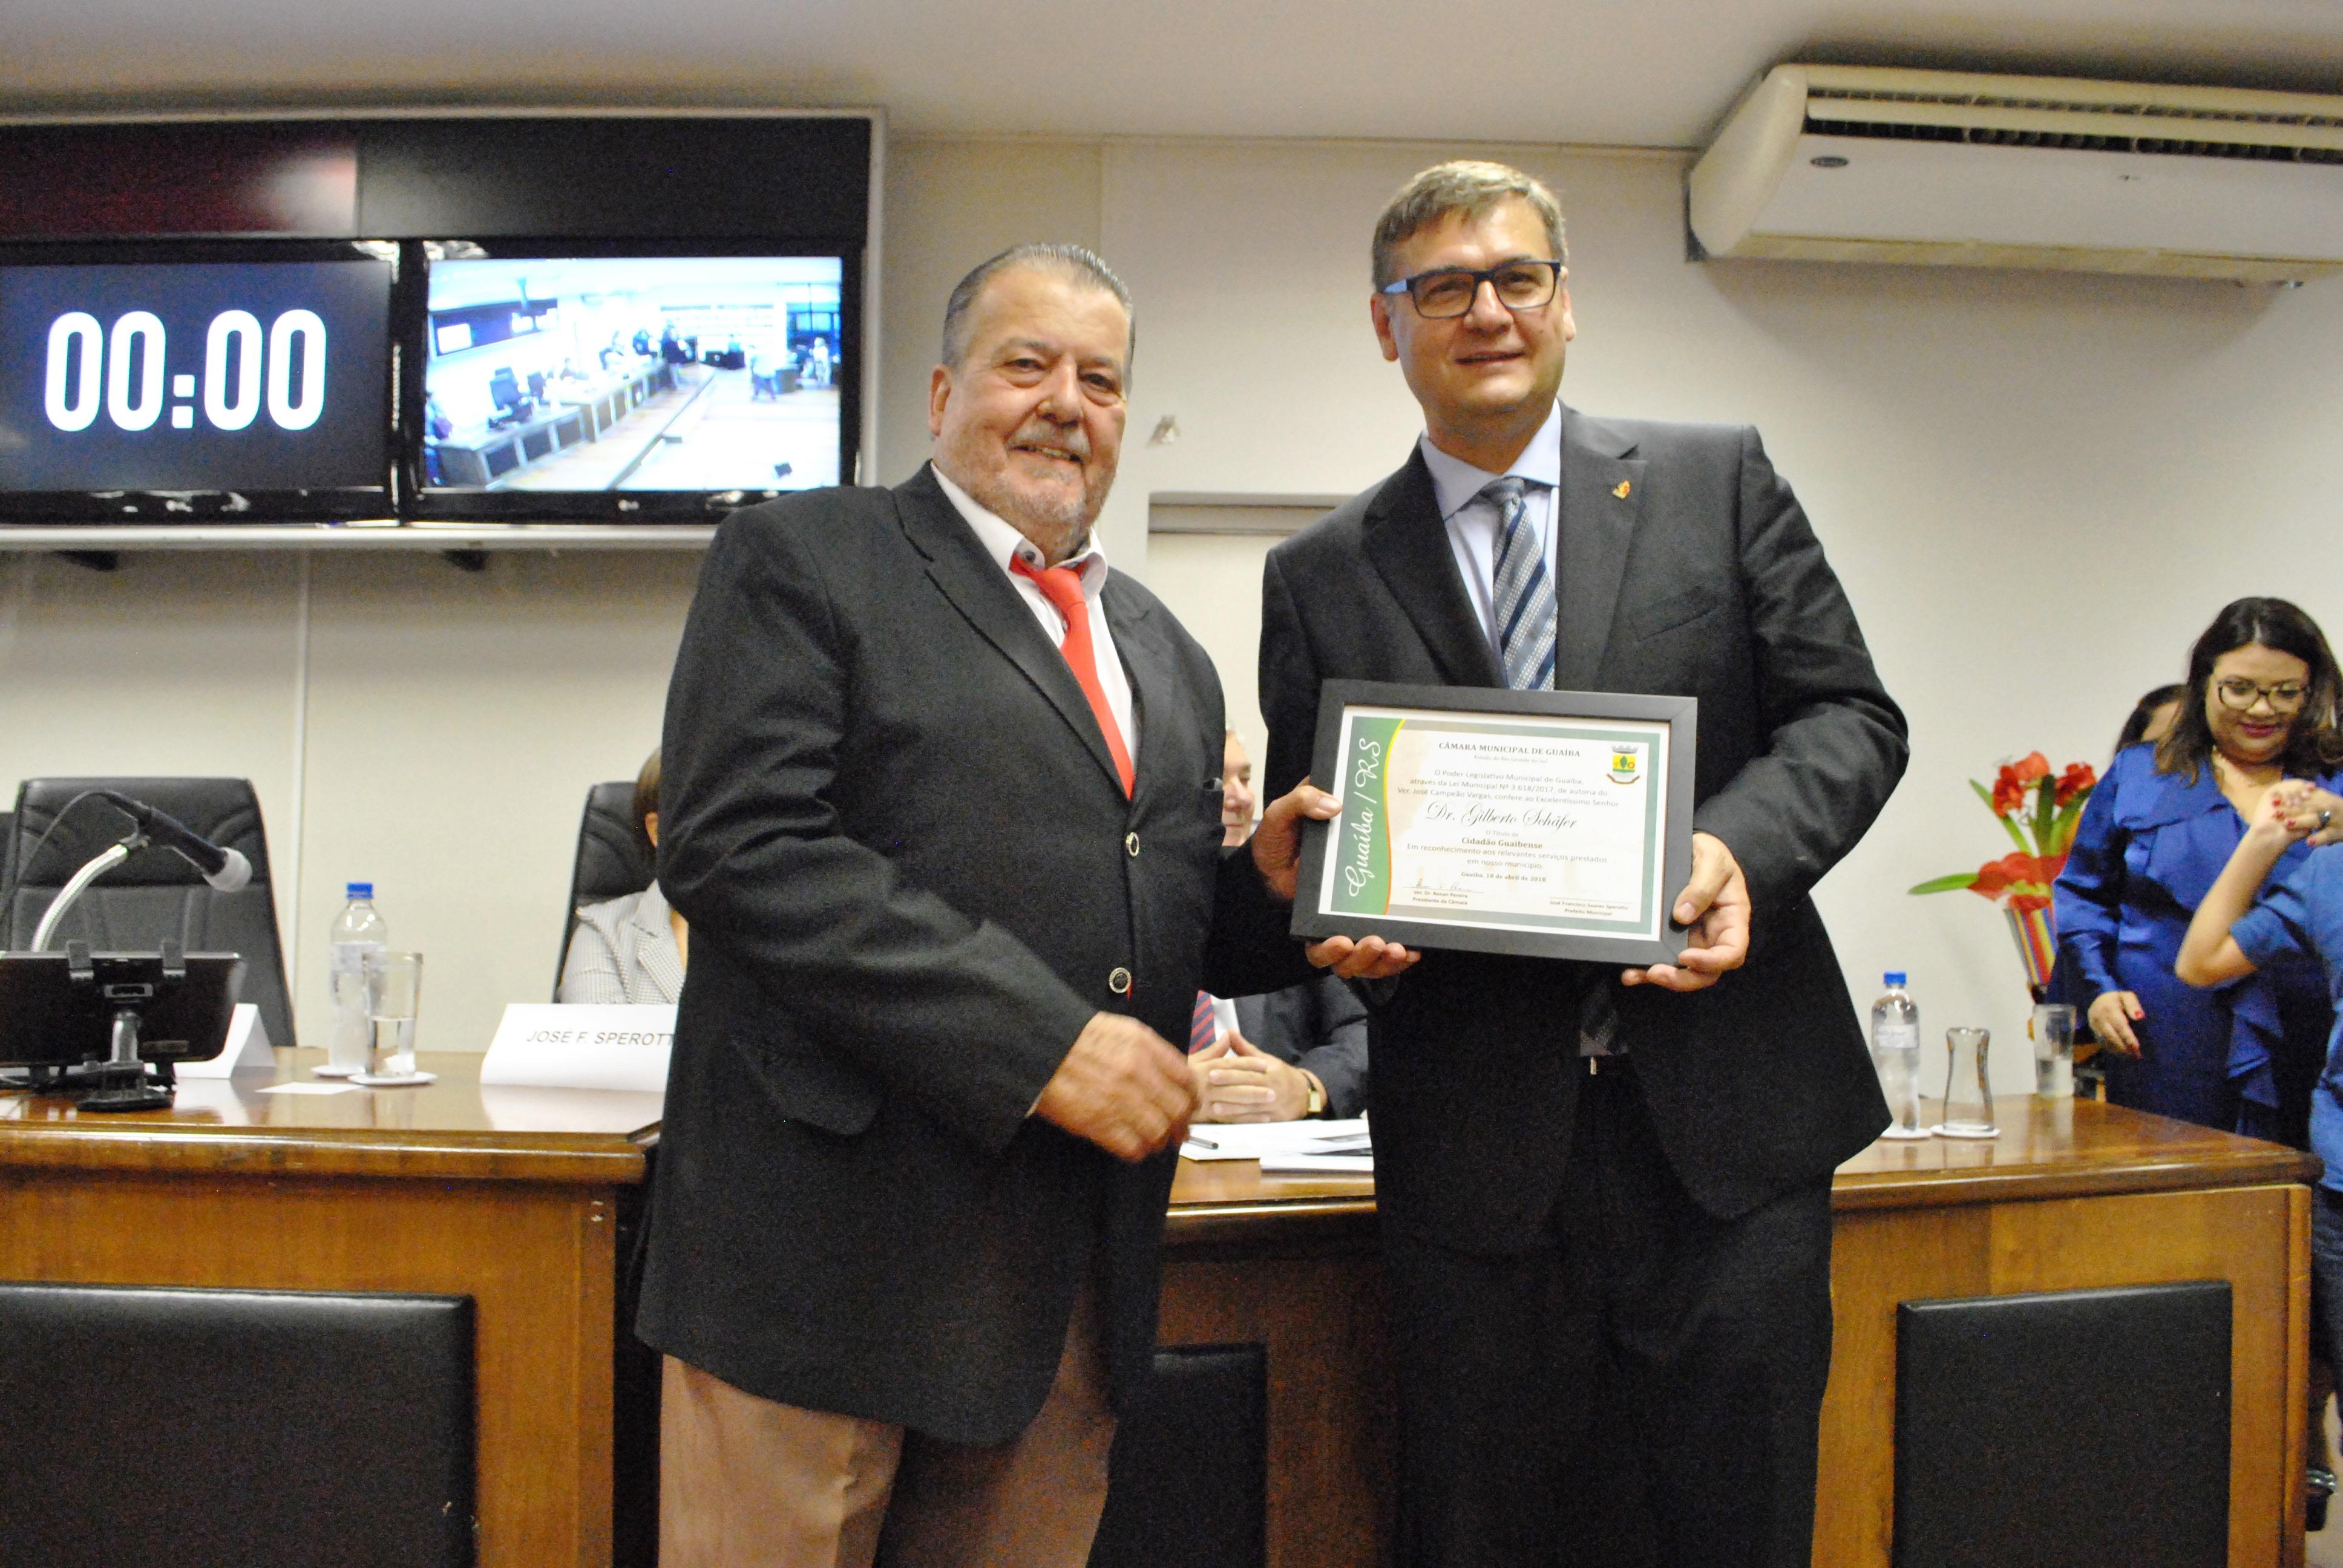 Vereador Campeão Vargas homenageia Dr. Gilberto Schäfer com título de Cidadão Guaibense